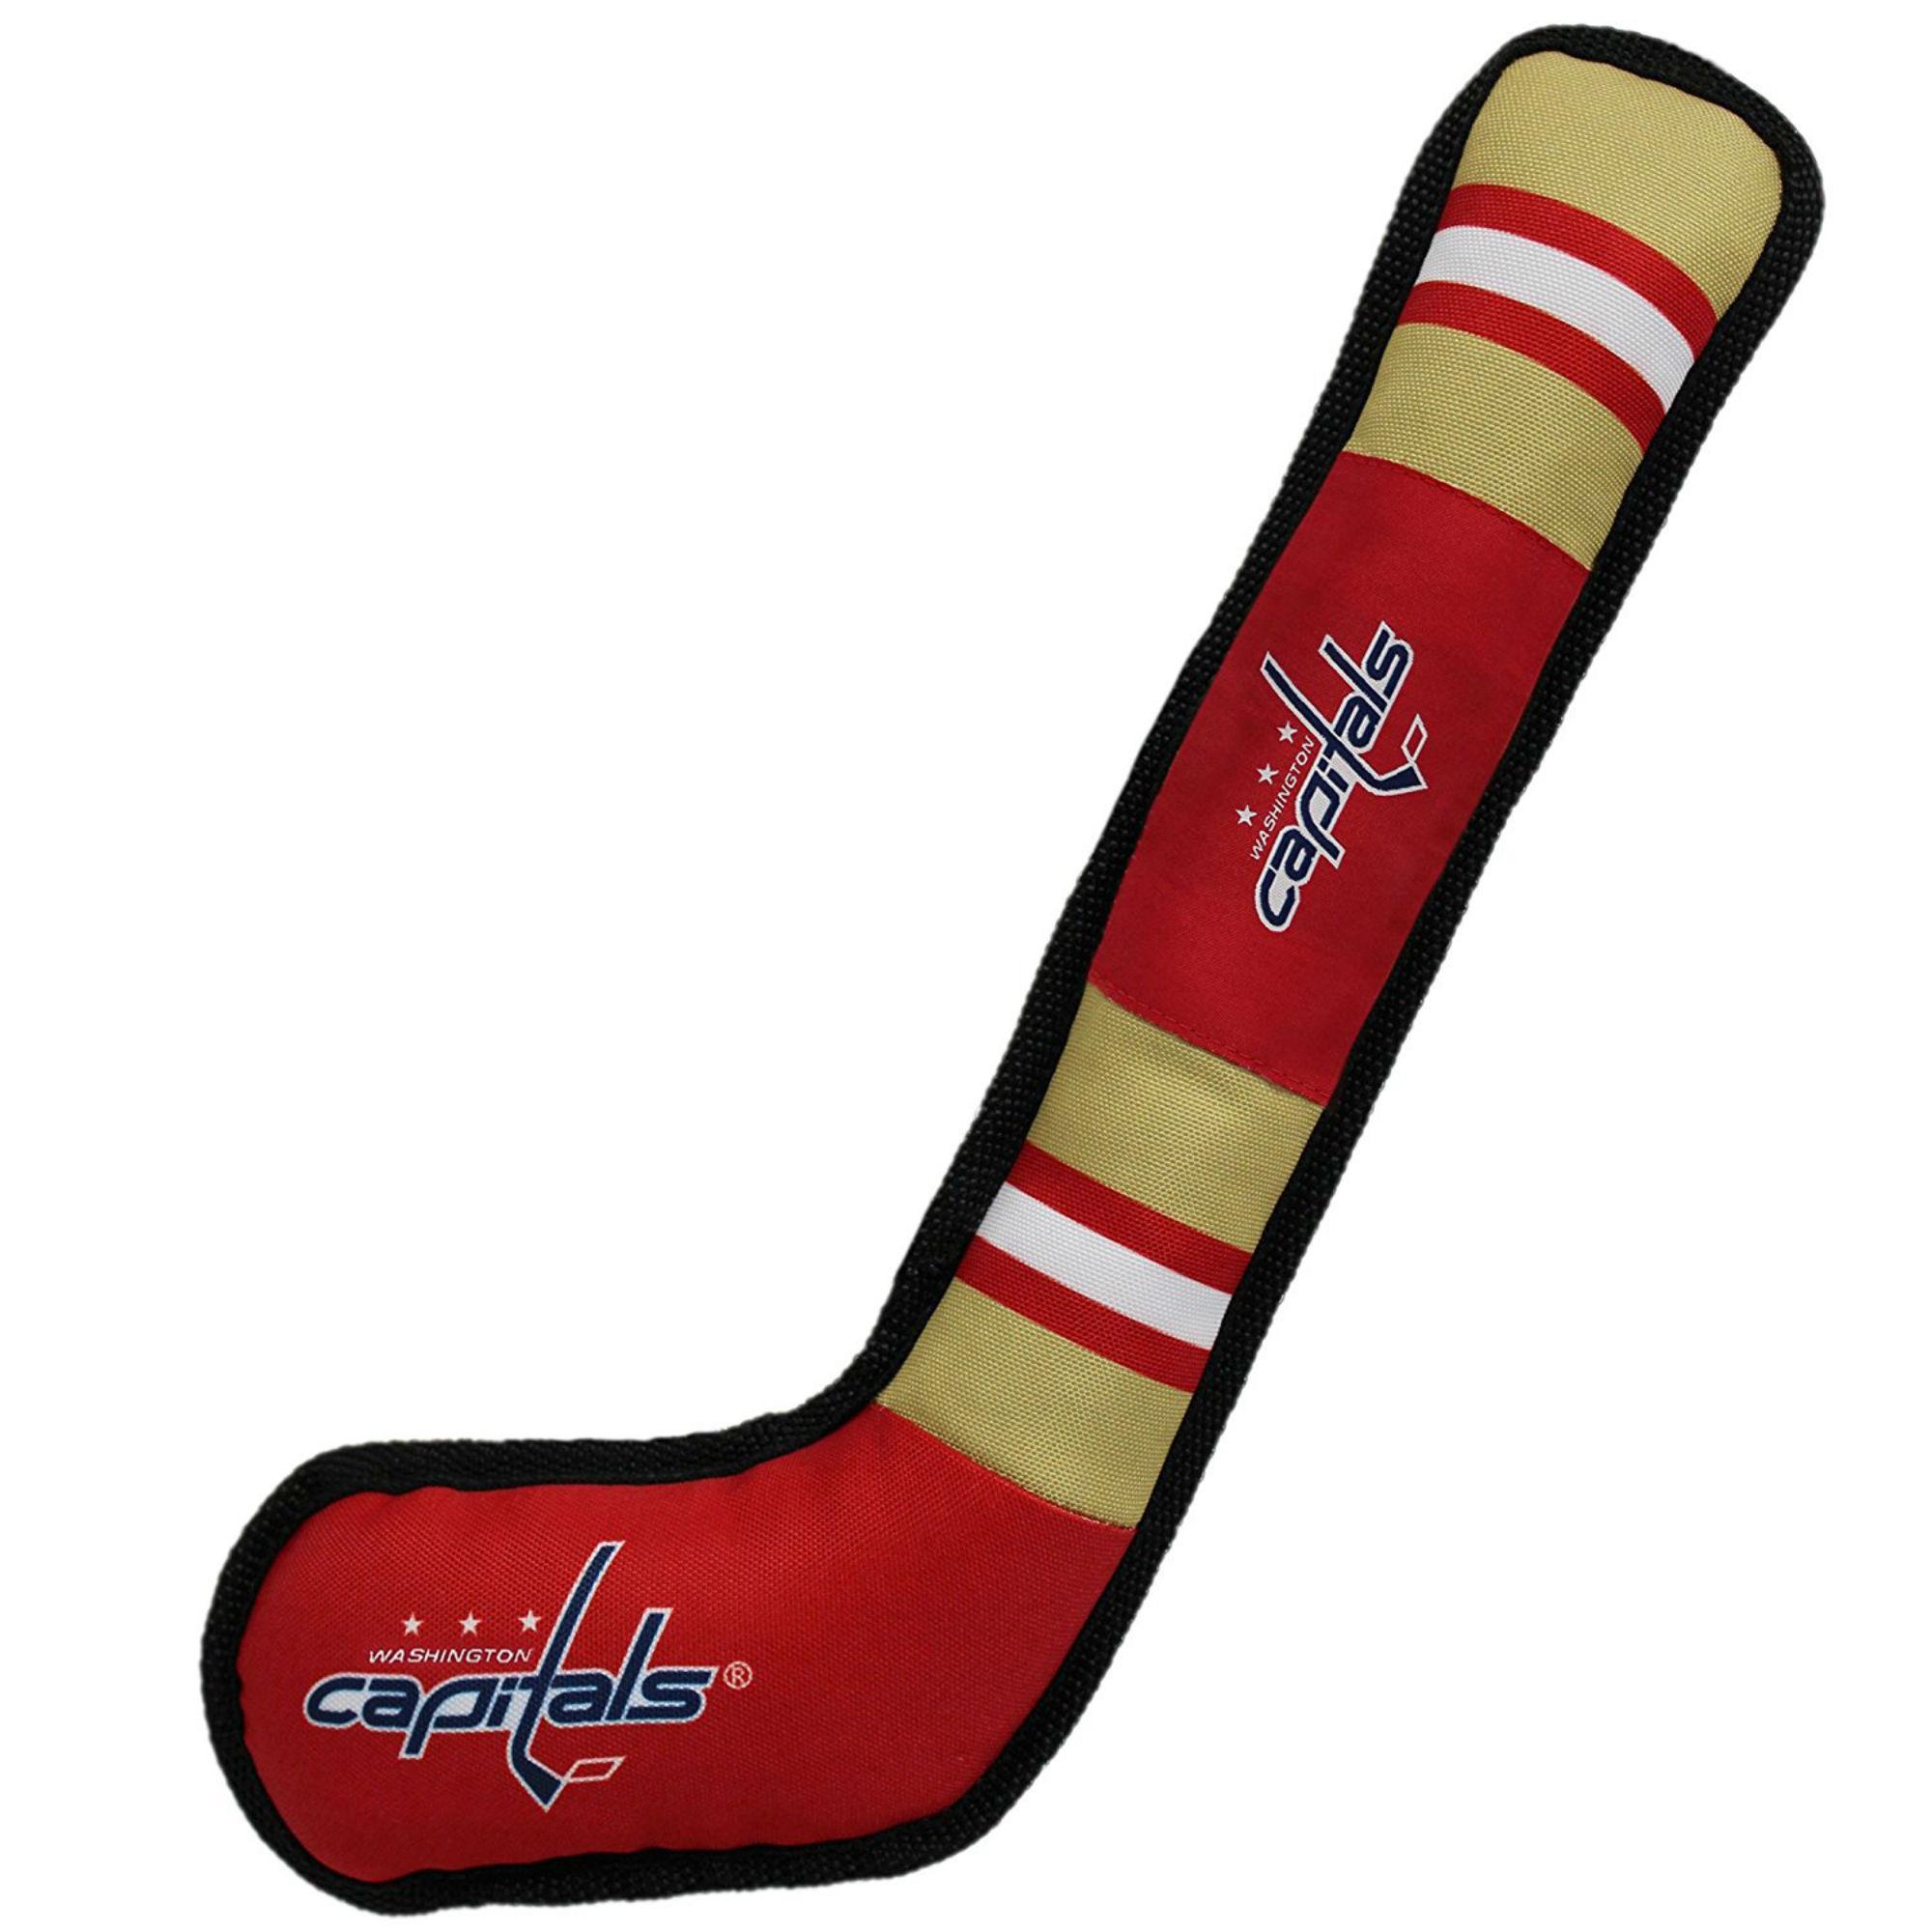 Washington Capitals Hockey Stick Dog Toy